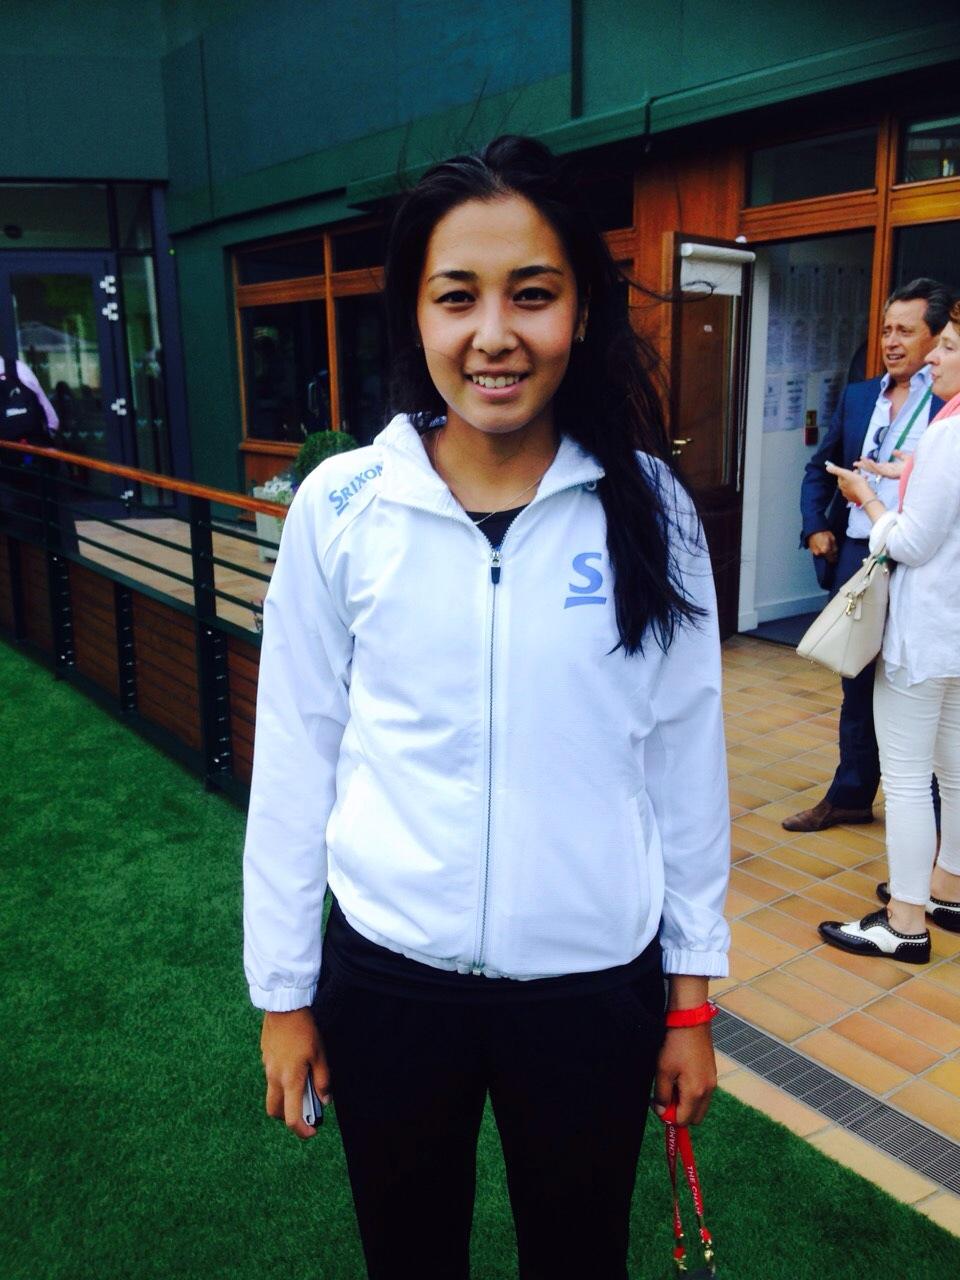 Wimbledon 2nd Week!! プロフィール 最近の記事 年月別アーカイブ ザリナ・ディアス関連ニュース ブログ内検索